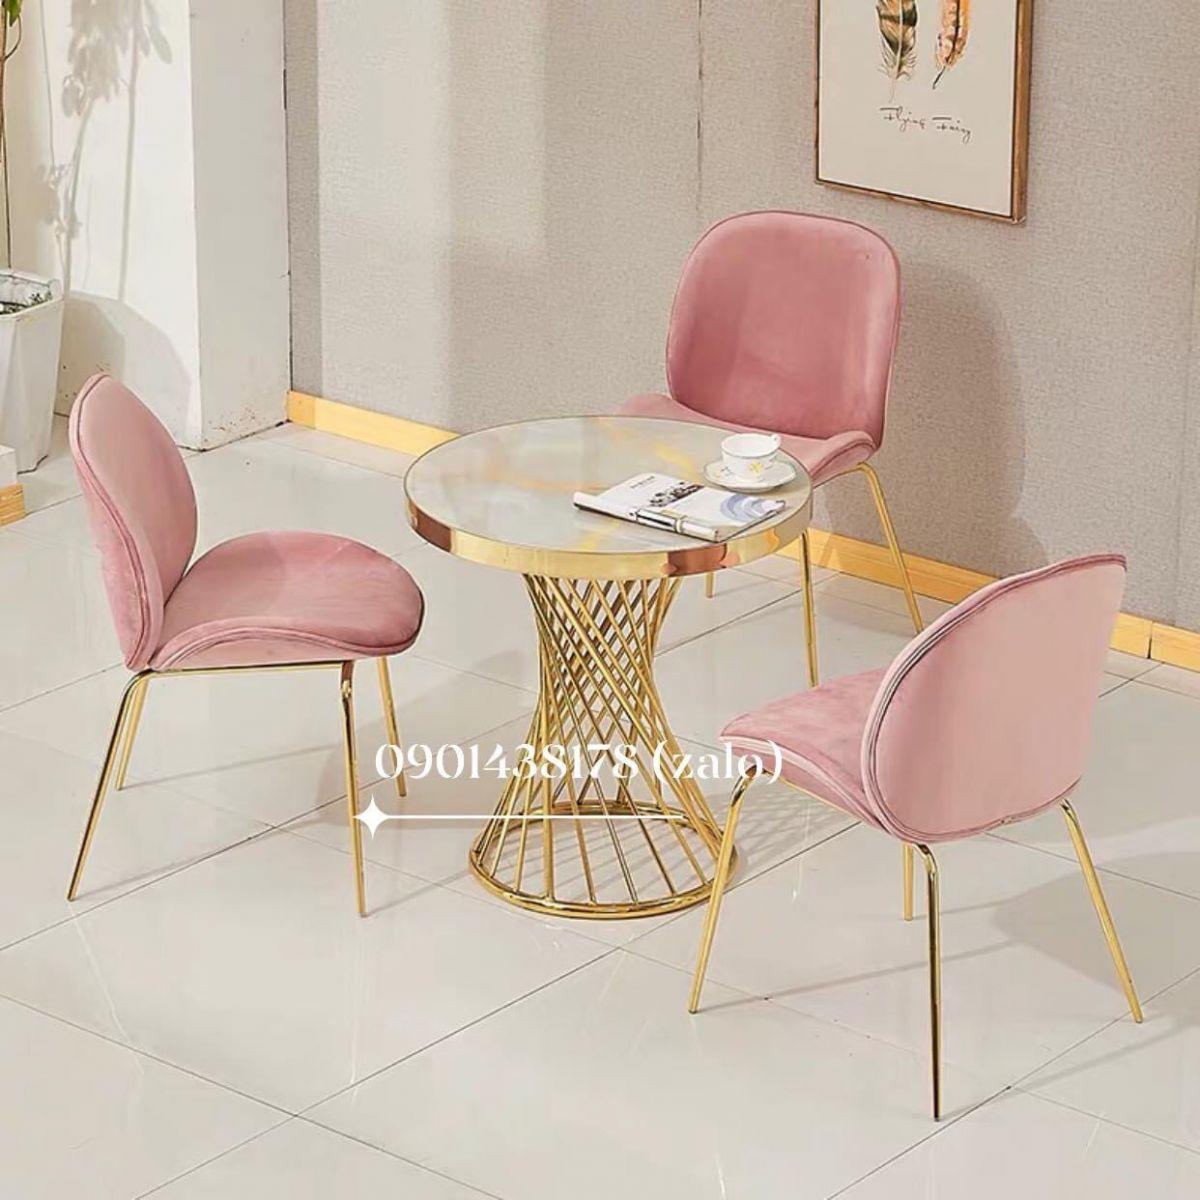 Bộ bàn nôm mạ vàng 3 ghế nhung Gubi chân mạ vàng